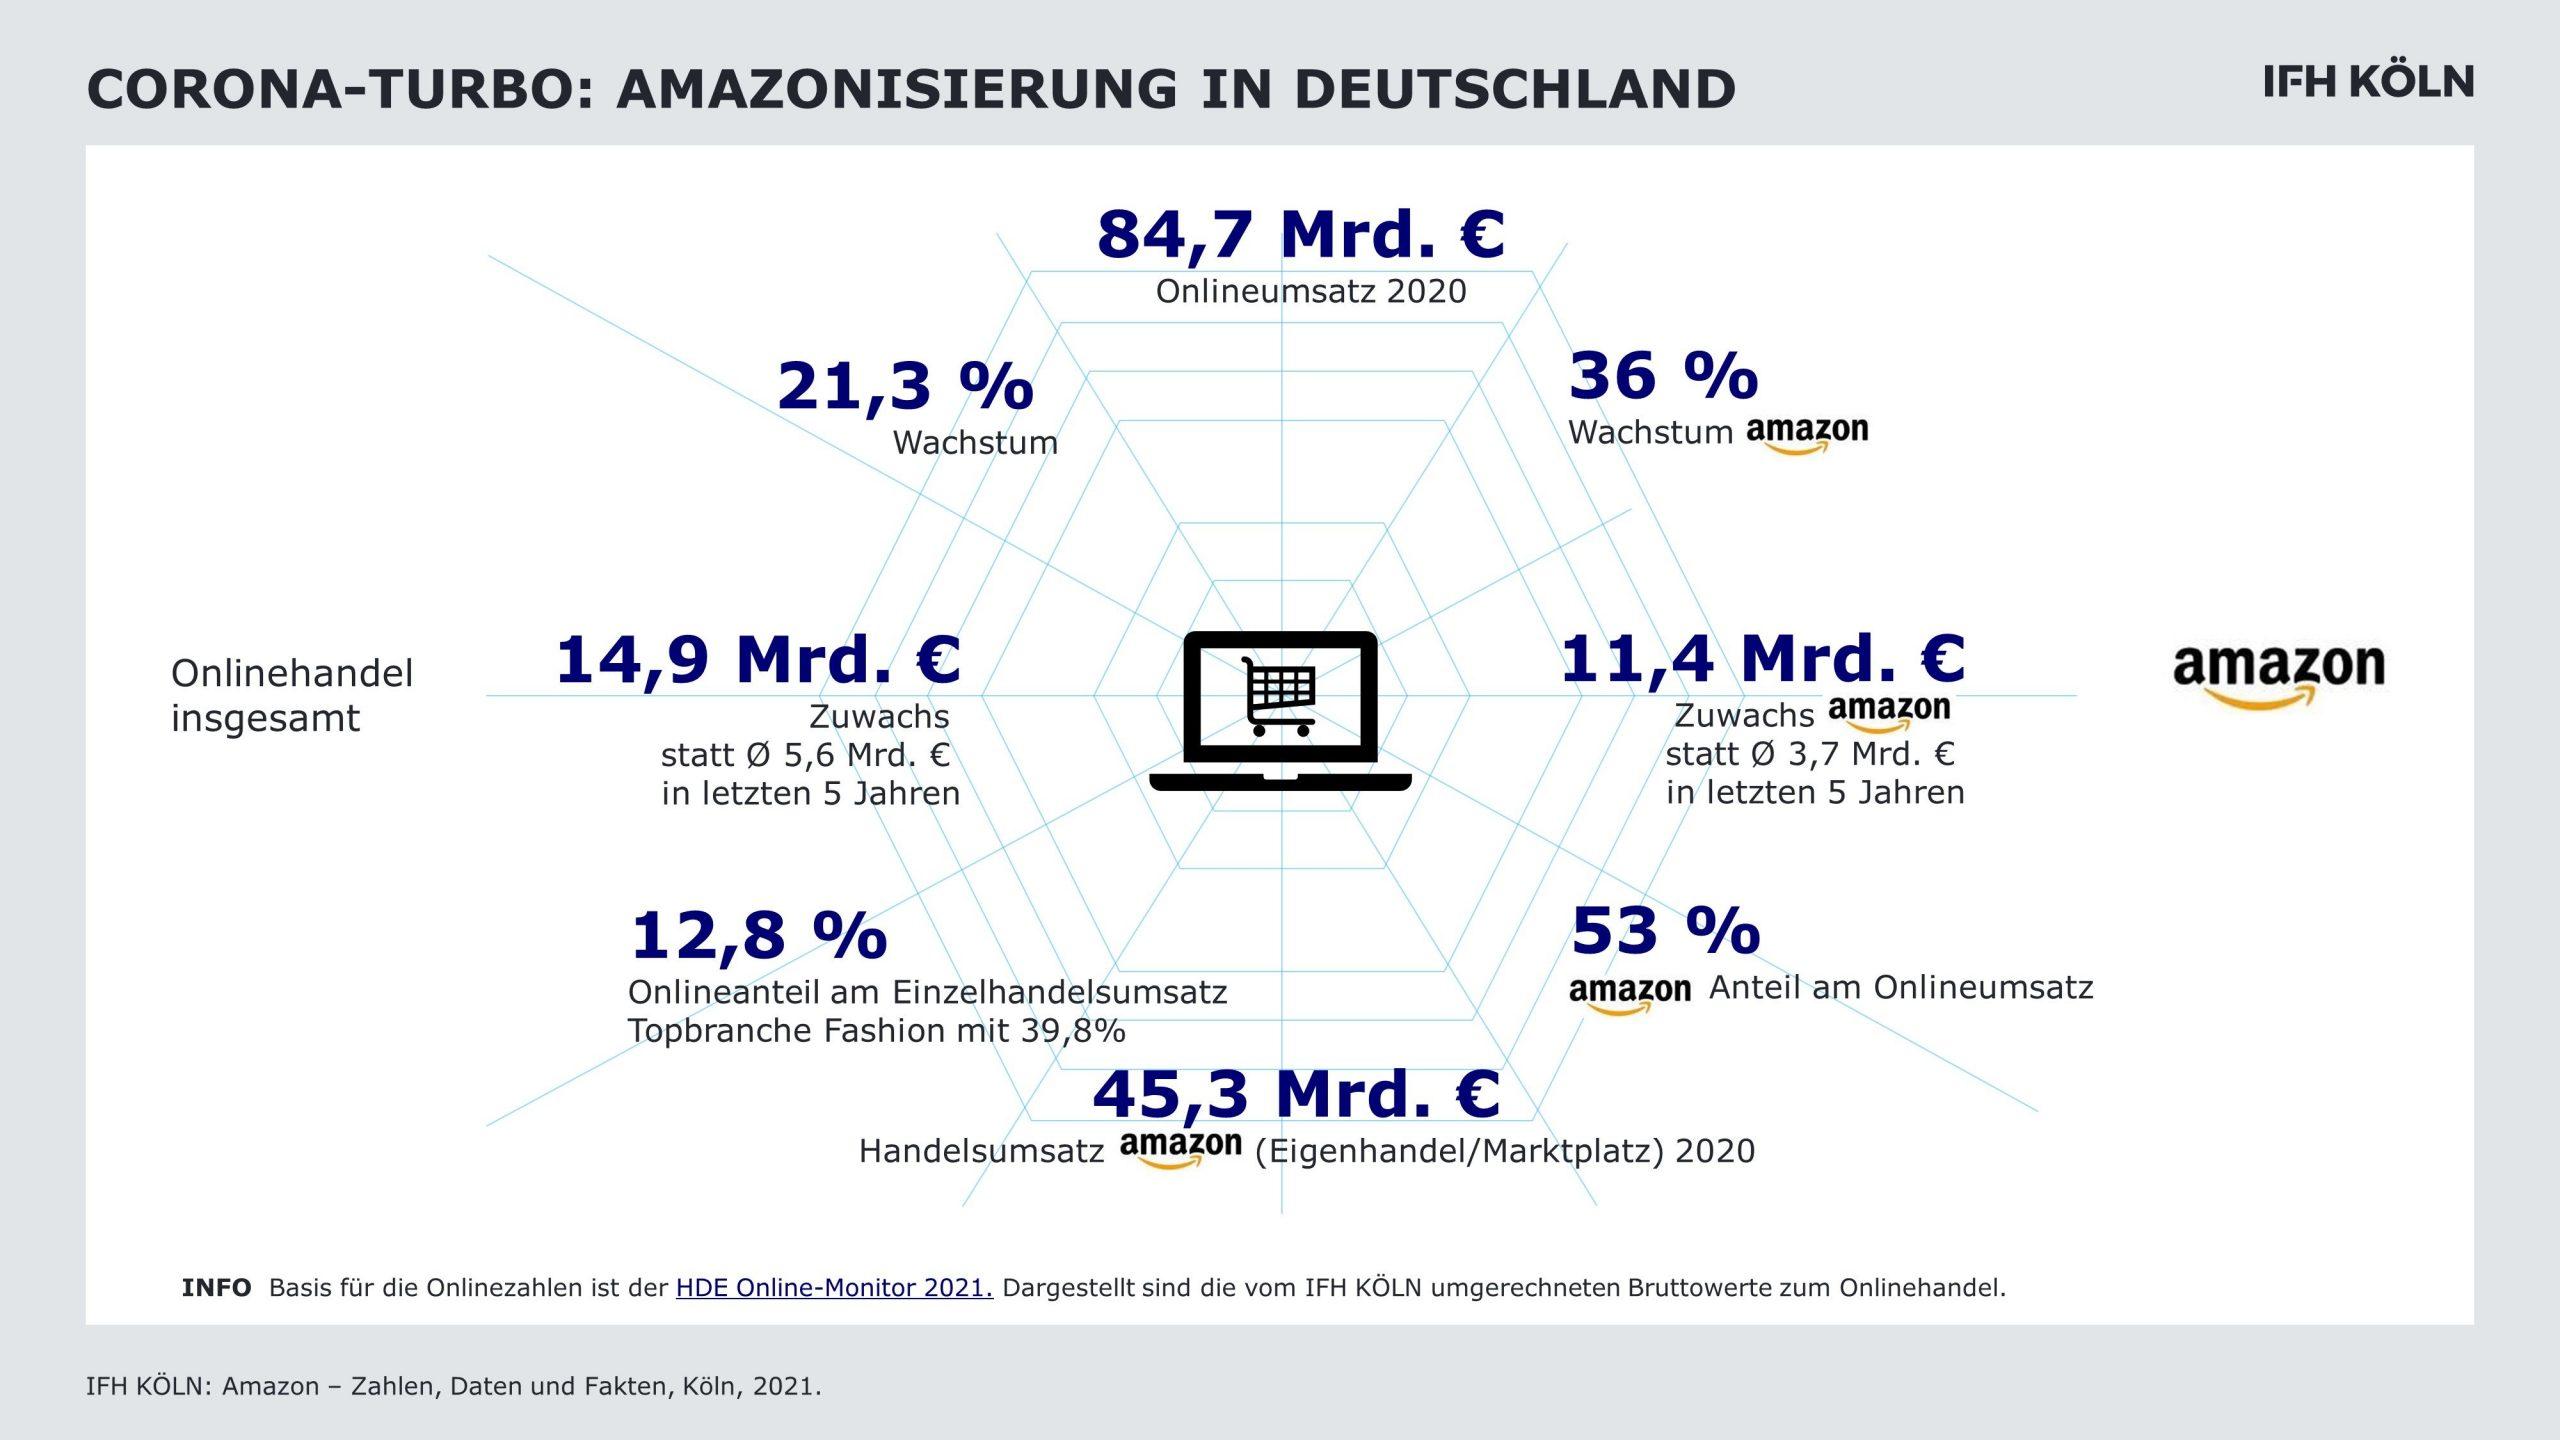 Amazonisierung des Handels 2021 - Grafik des IFH Köln